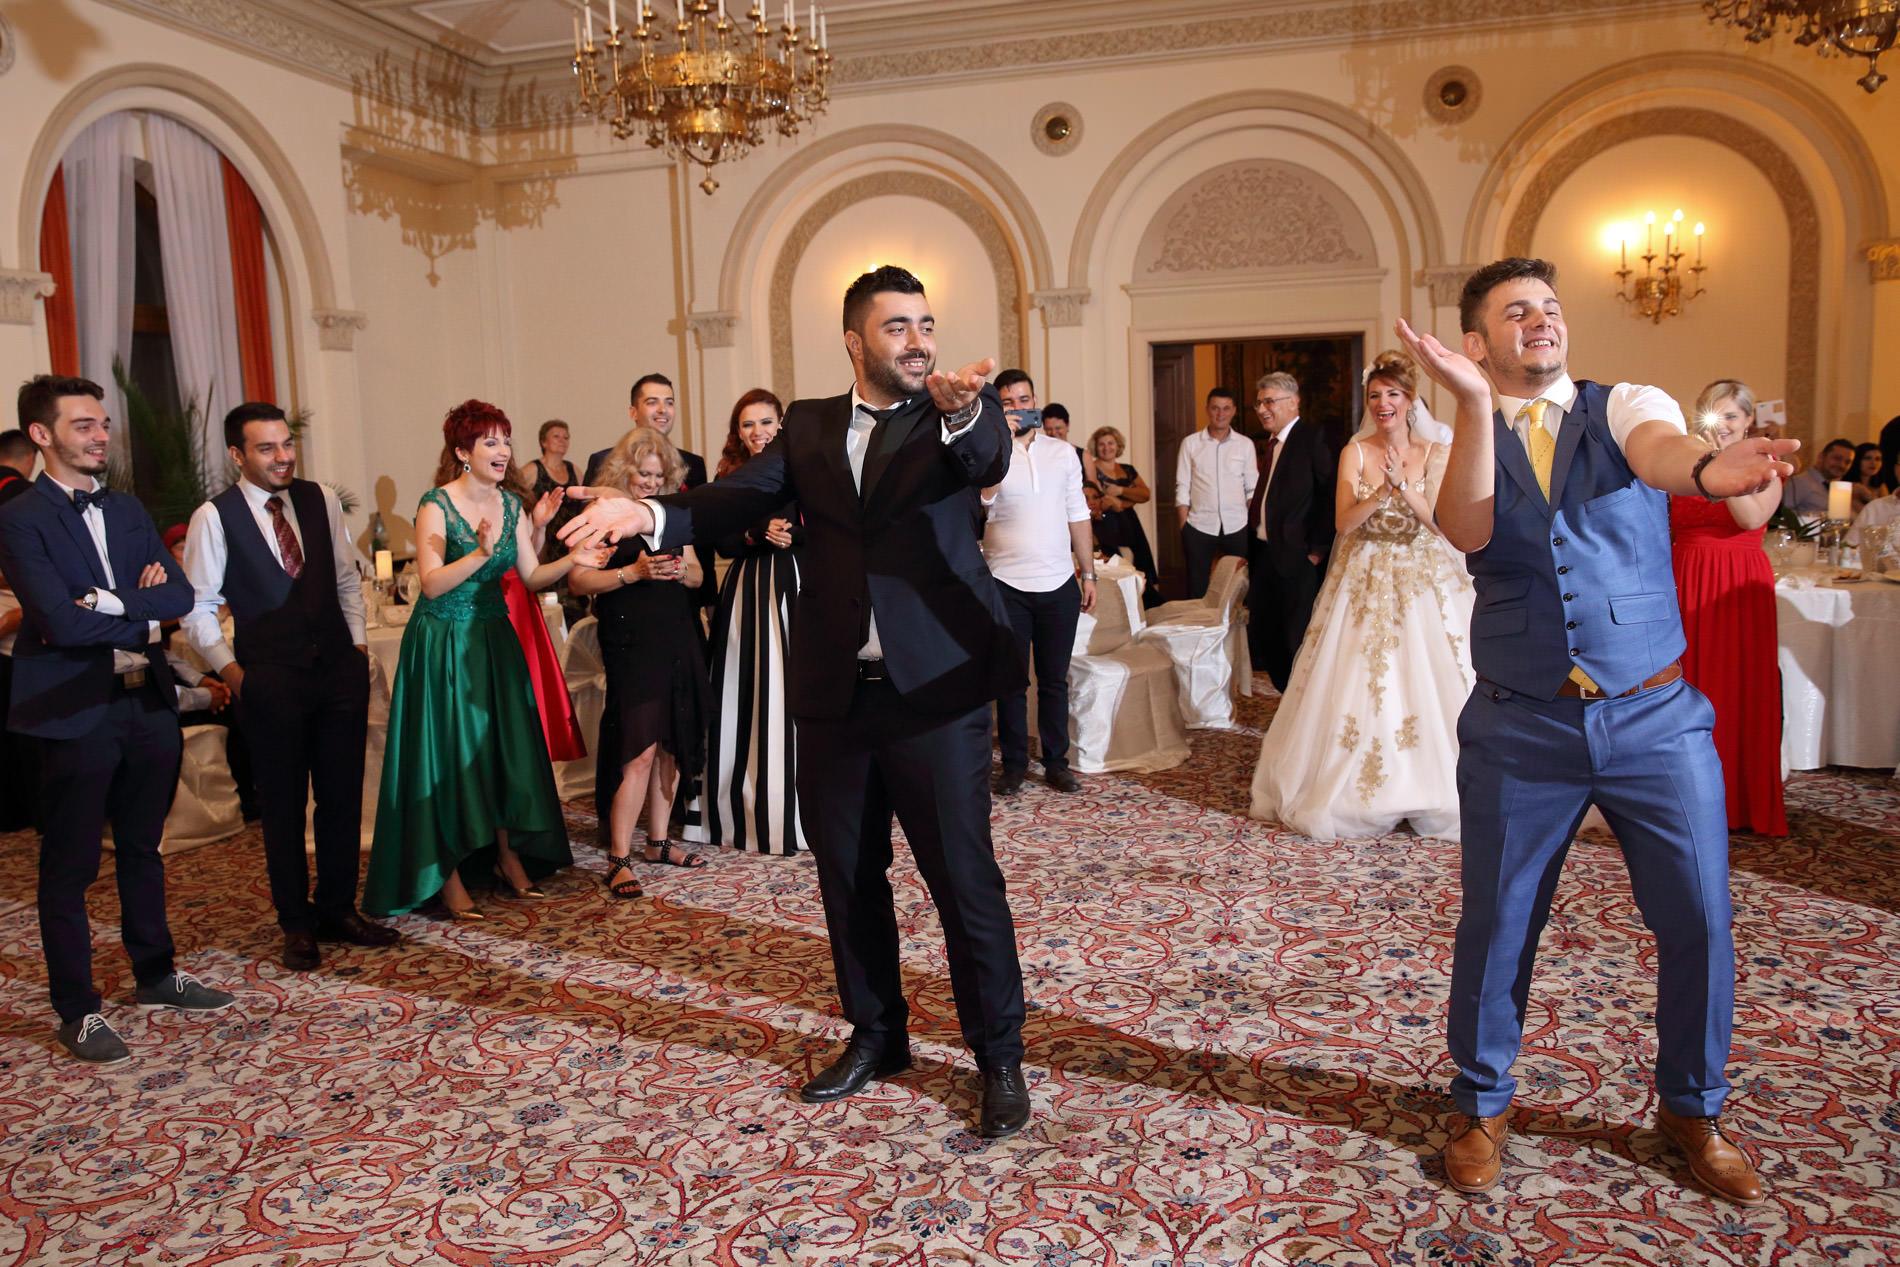 Petrecere nunta, Palatul snagov